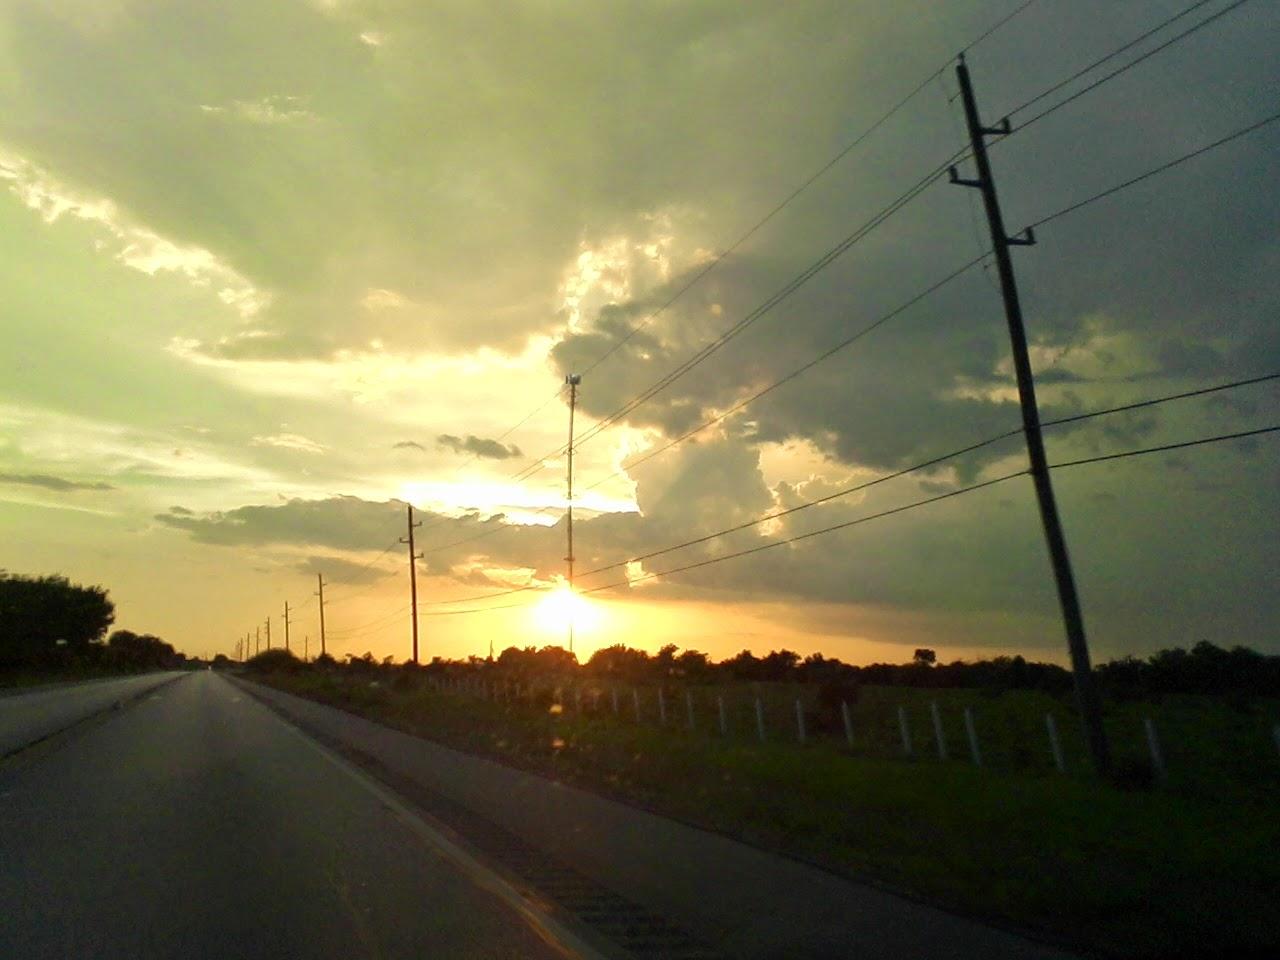 Sky - 0713200630.jpg